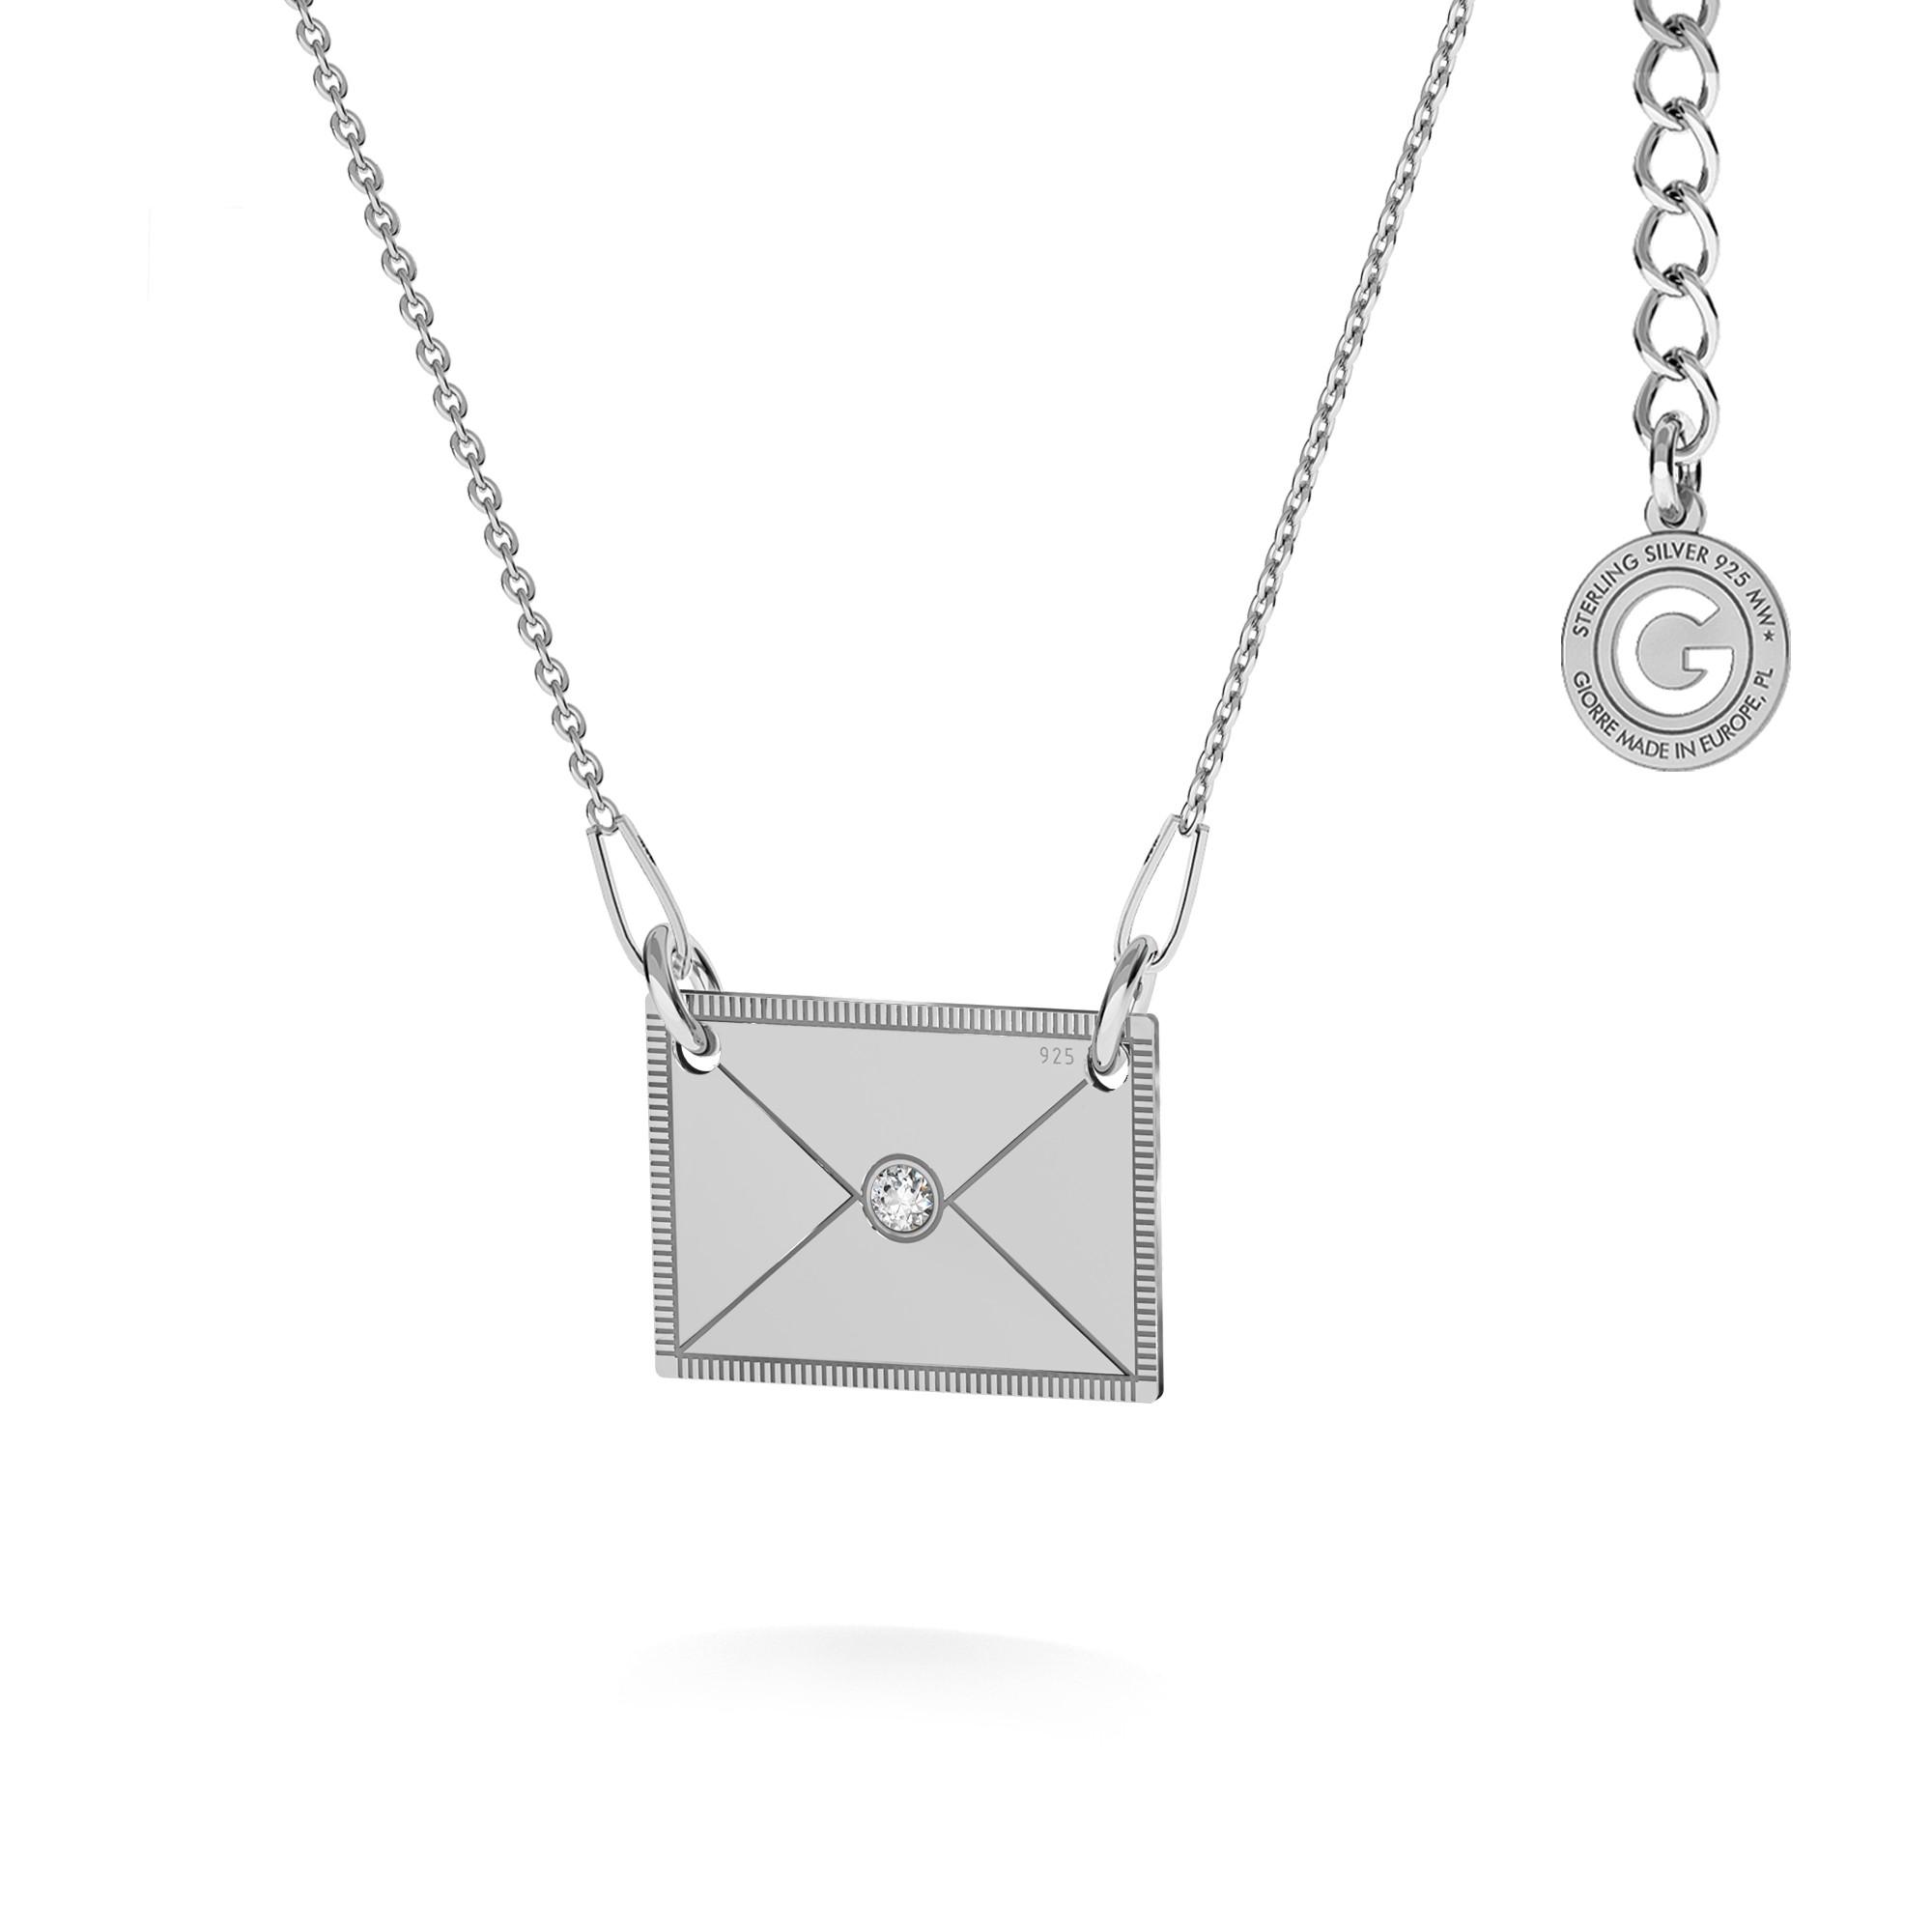 Srebrny naszyjnik koperta z kryształem, srebro 925